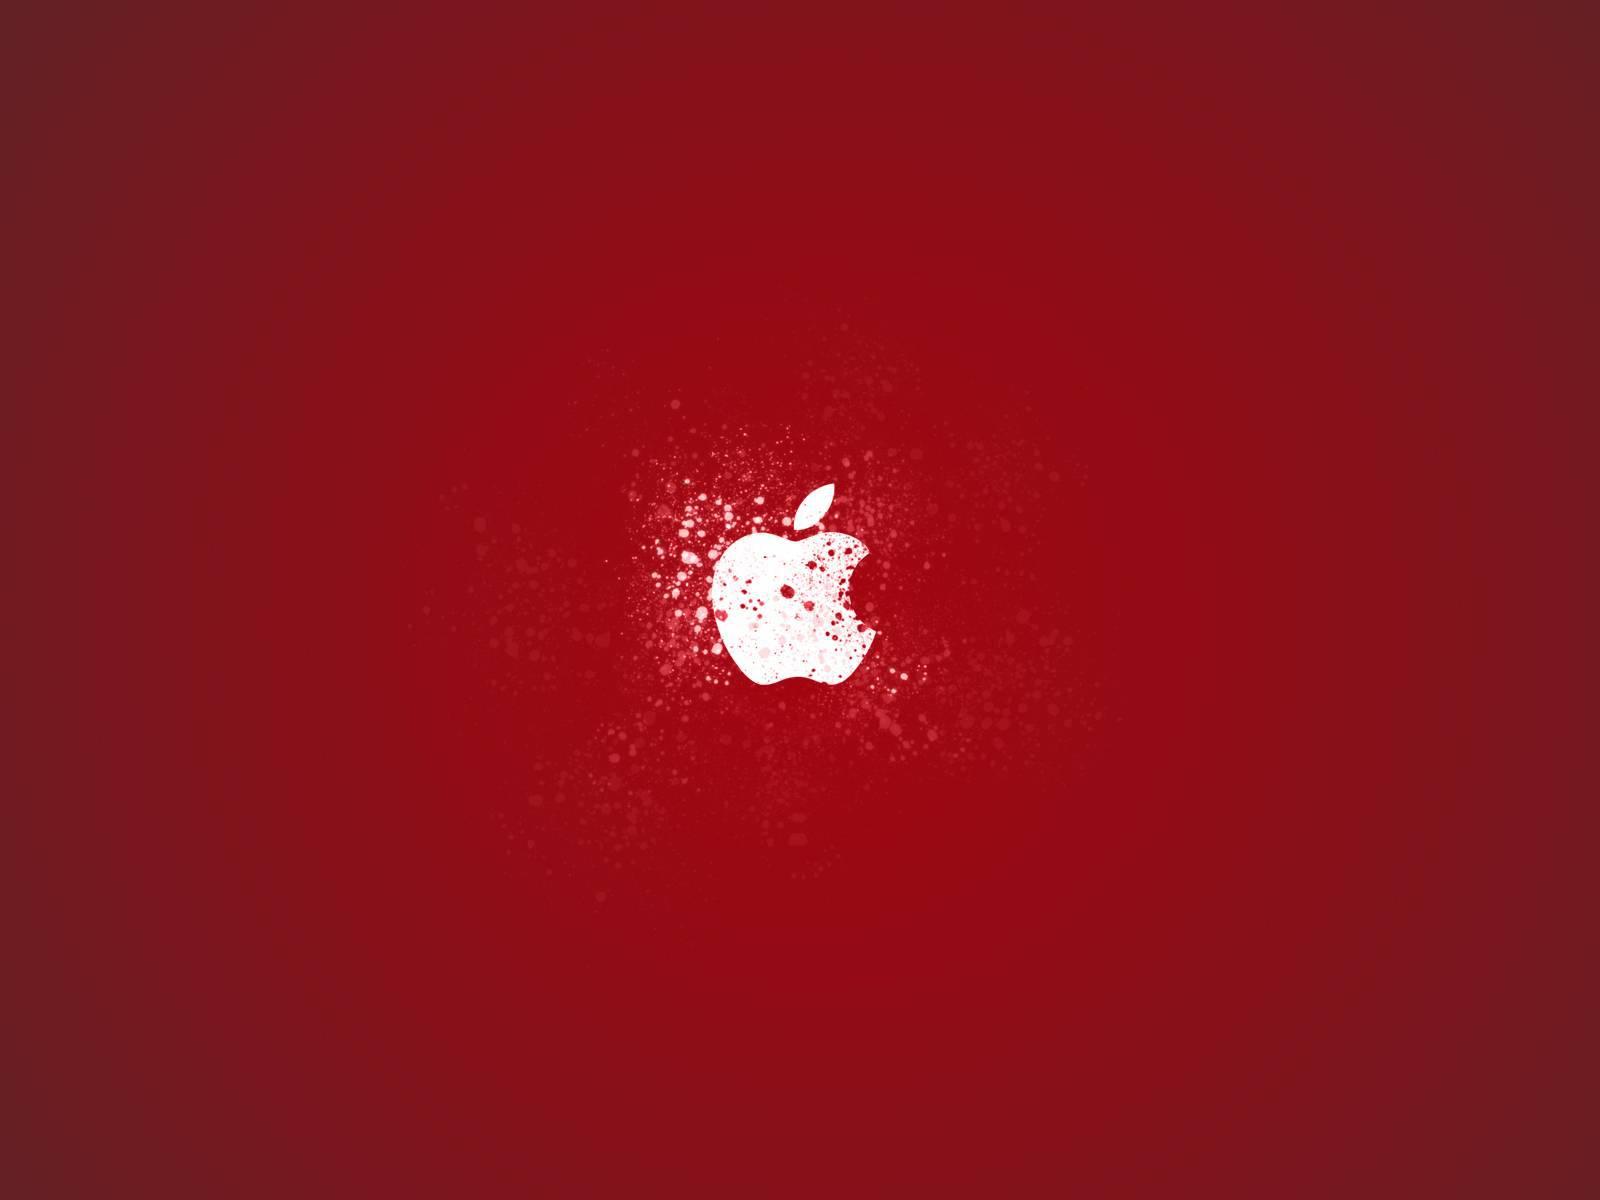 36549 Hintergrundbild herunterladen Apple-, Marken, Hintergrund, Logos - Bildschirmschoner und Bilder kostenlos